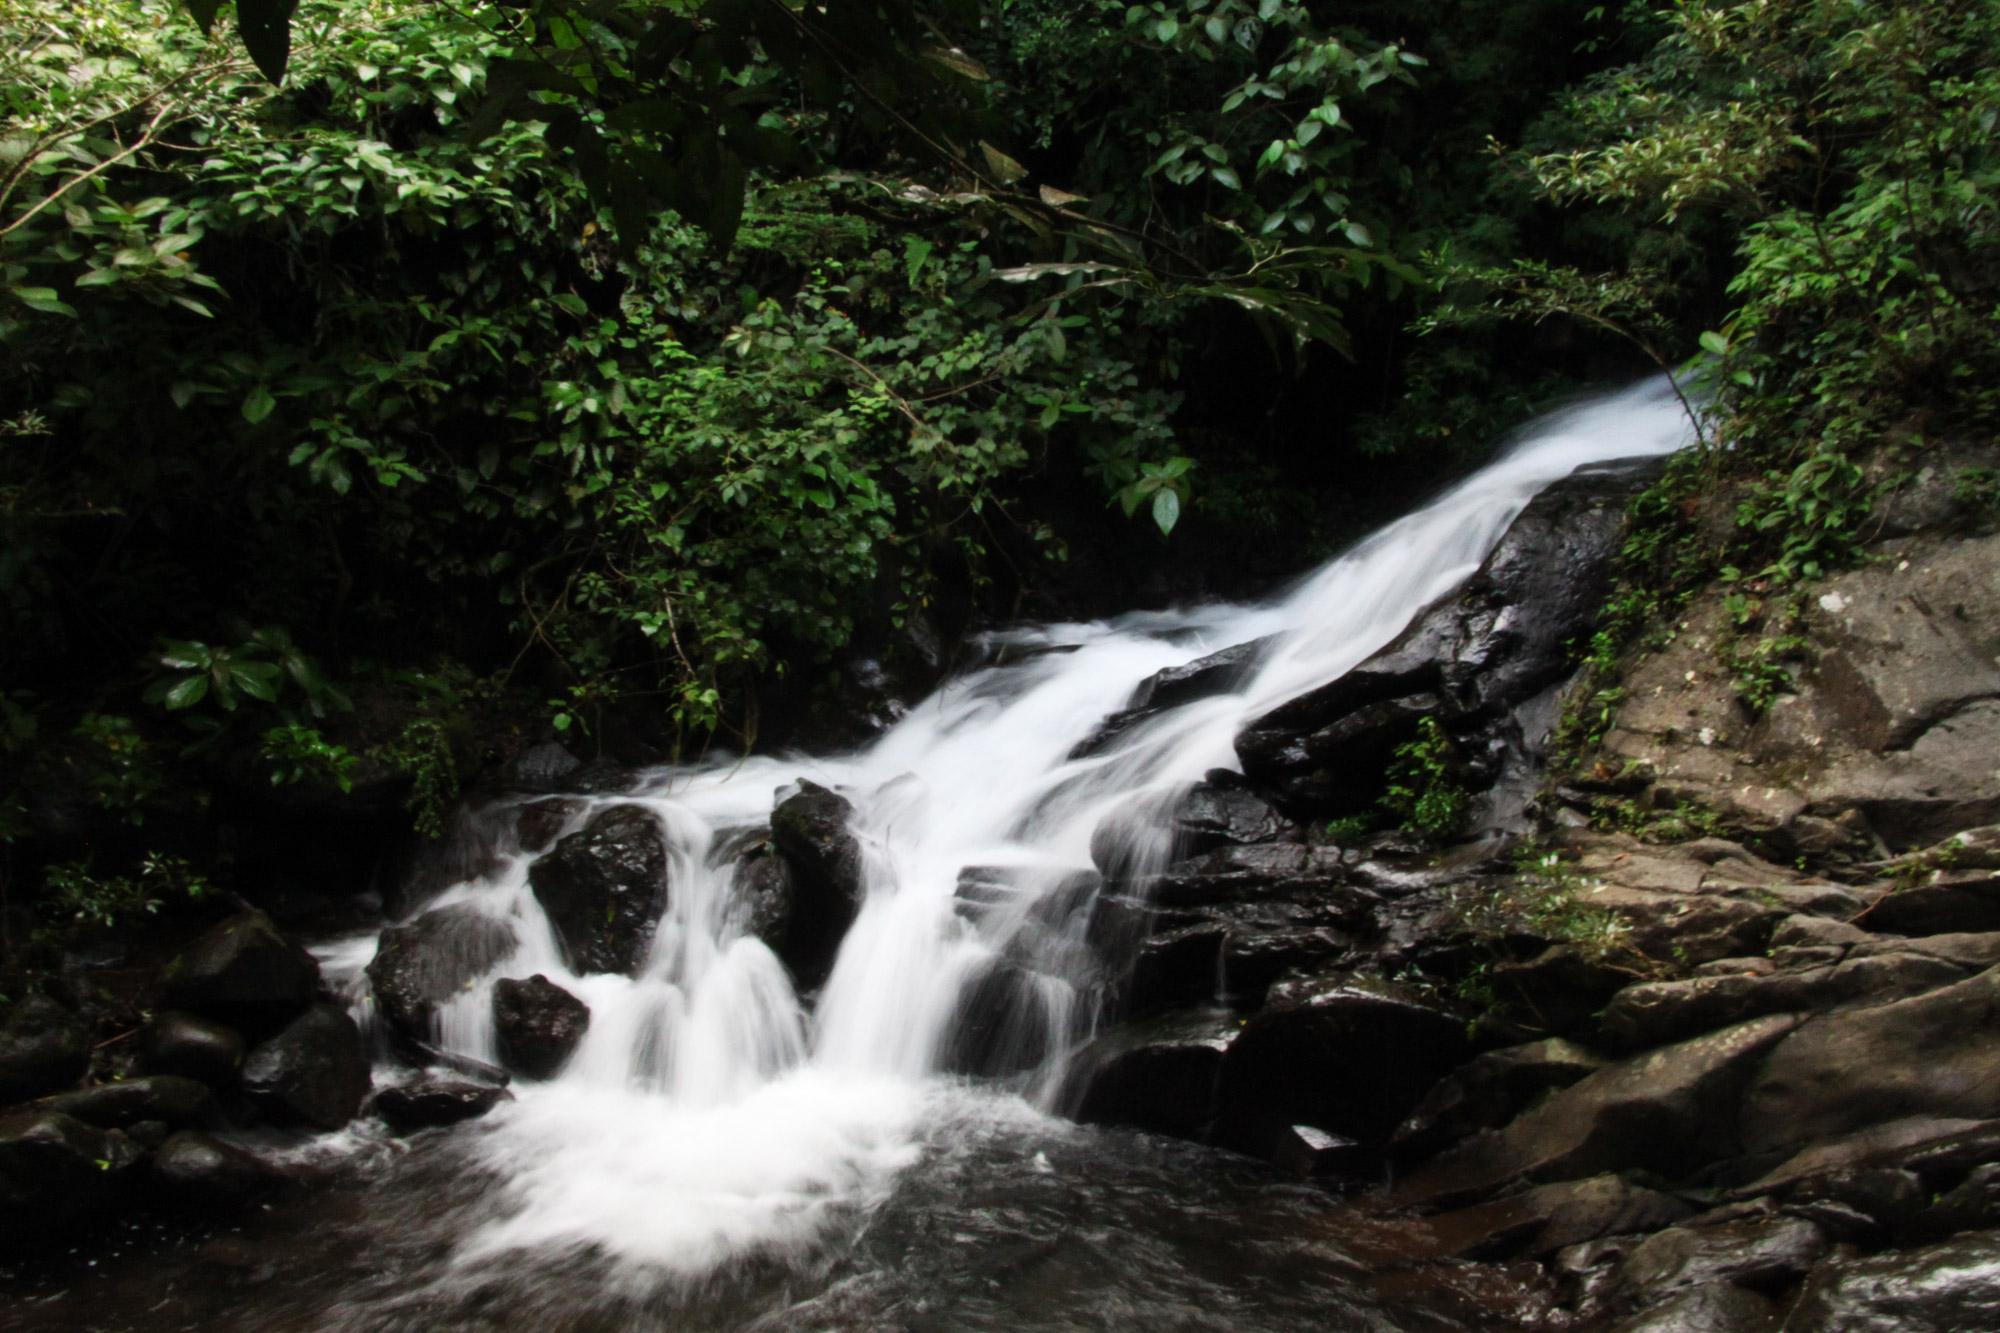 Costa Rica 2014 - dag 11 - Parque Nacional Rincon de la Vieja